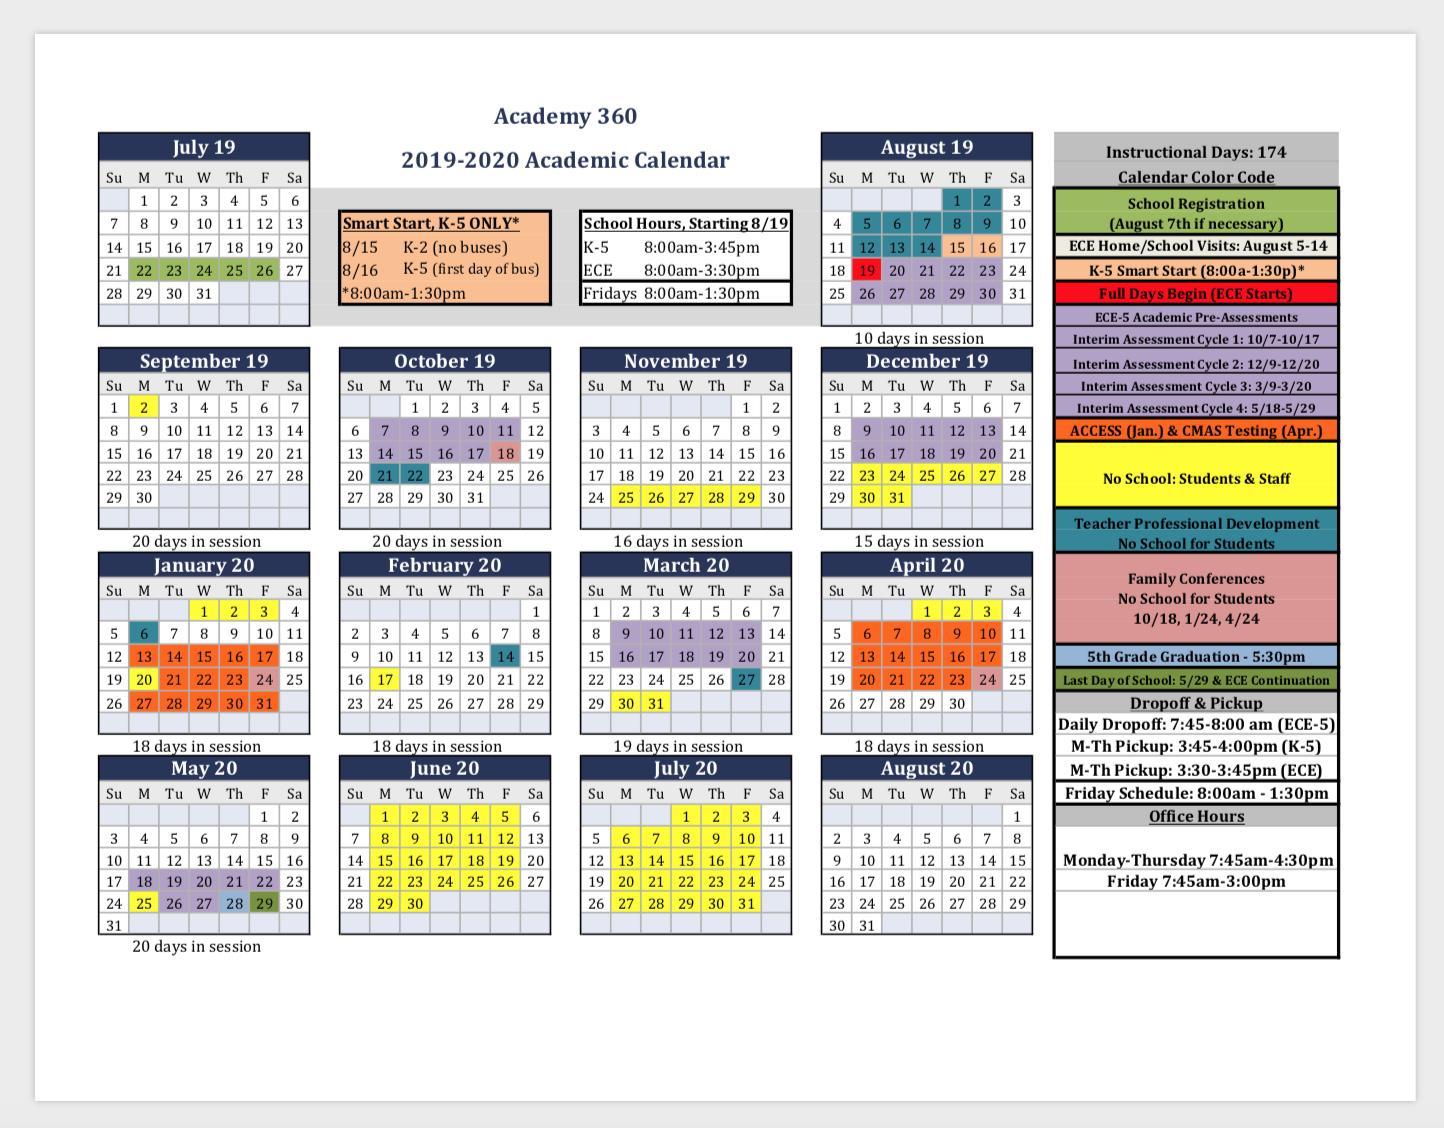 Calendar With Special Days 2020 | Calendar Template inside Special Days For 2020 Calender